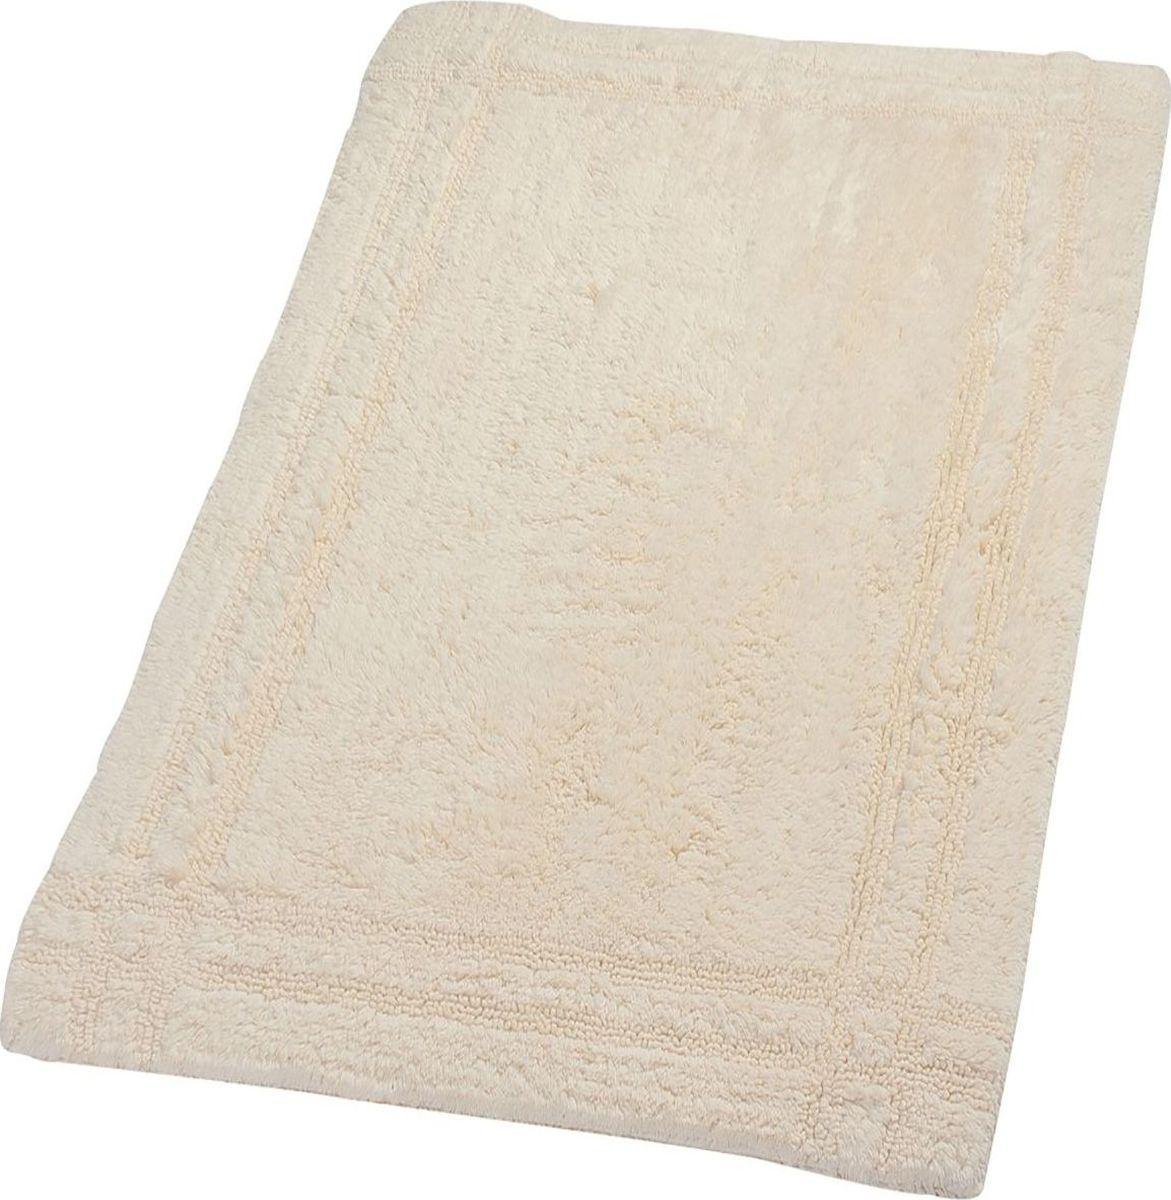 Высококачественный двусторонний немецкий коврик Antigua - подарок для ваших ножек. Выполнен из 100% хлопка.  Высота ворса - 15 мм.  Стирать при щадящем режиме 30°С.  Можно сушить в сушильной машине.  Не подвергать химической чистке.  Не гладить.